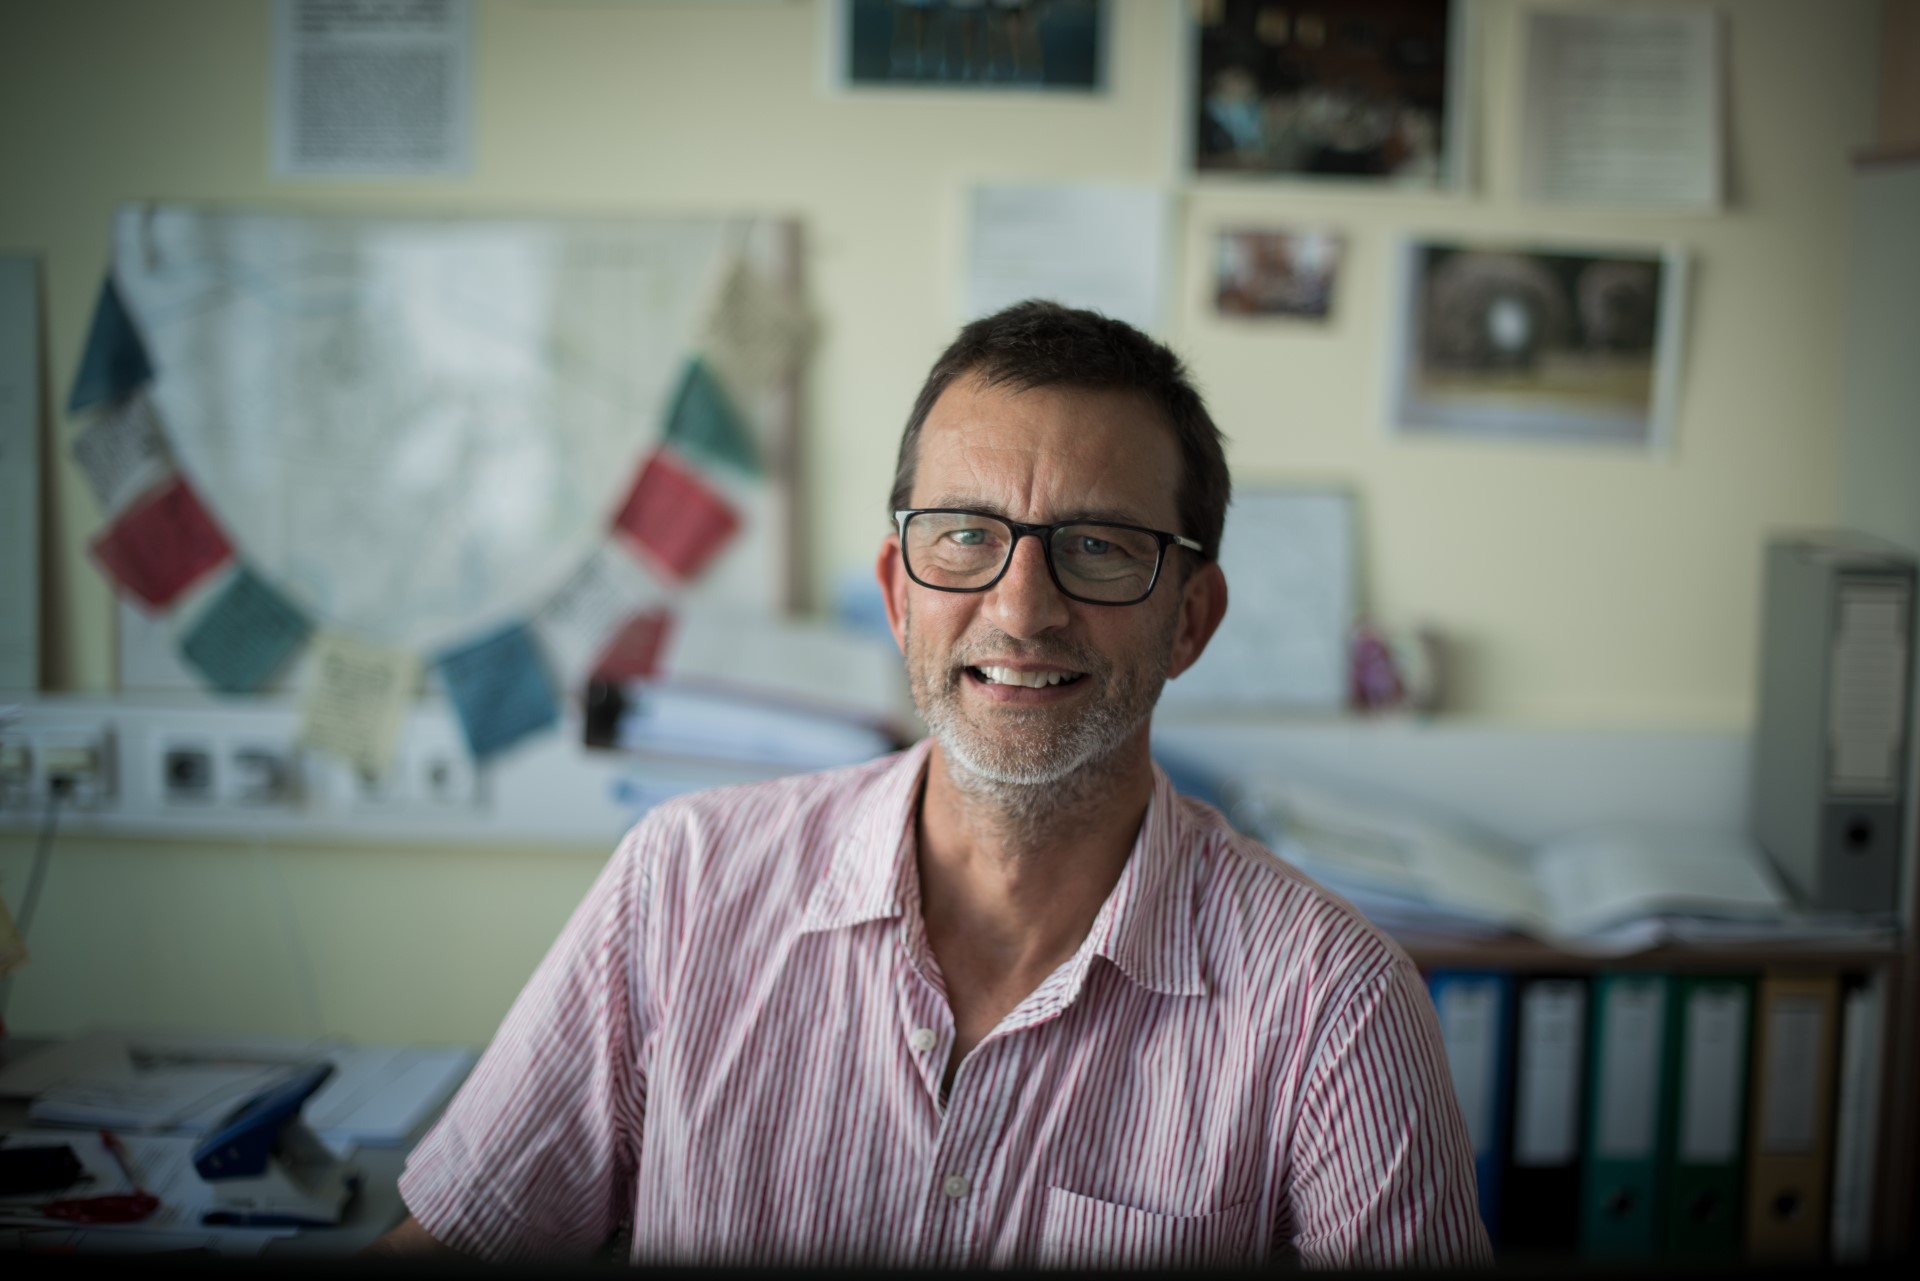 DI Ulrich Müller ist Bereichsleiter für Straßenbau und Oberflächenentwässerung im Büro für Ziviltechnik HIPI in Vöcklabruck